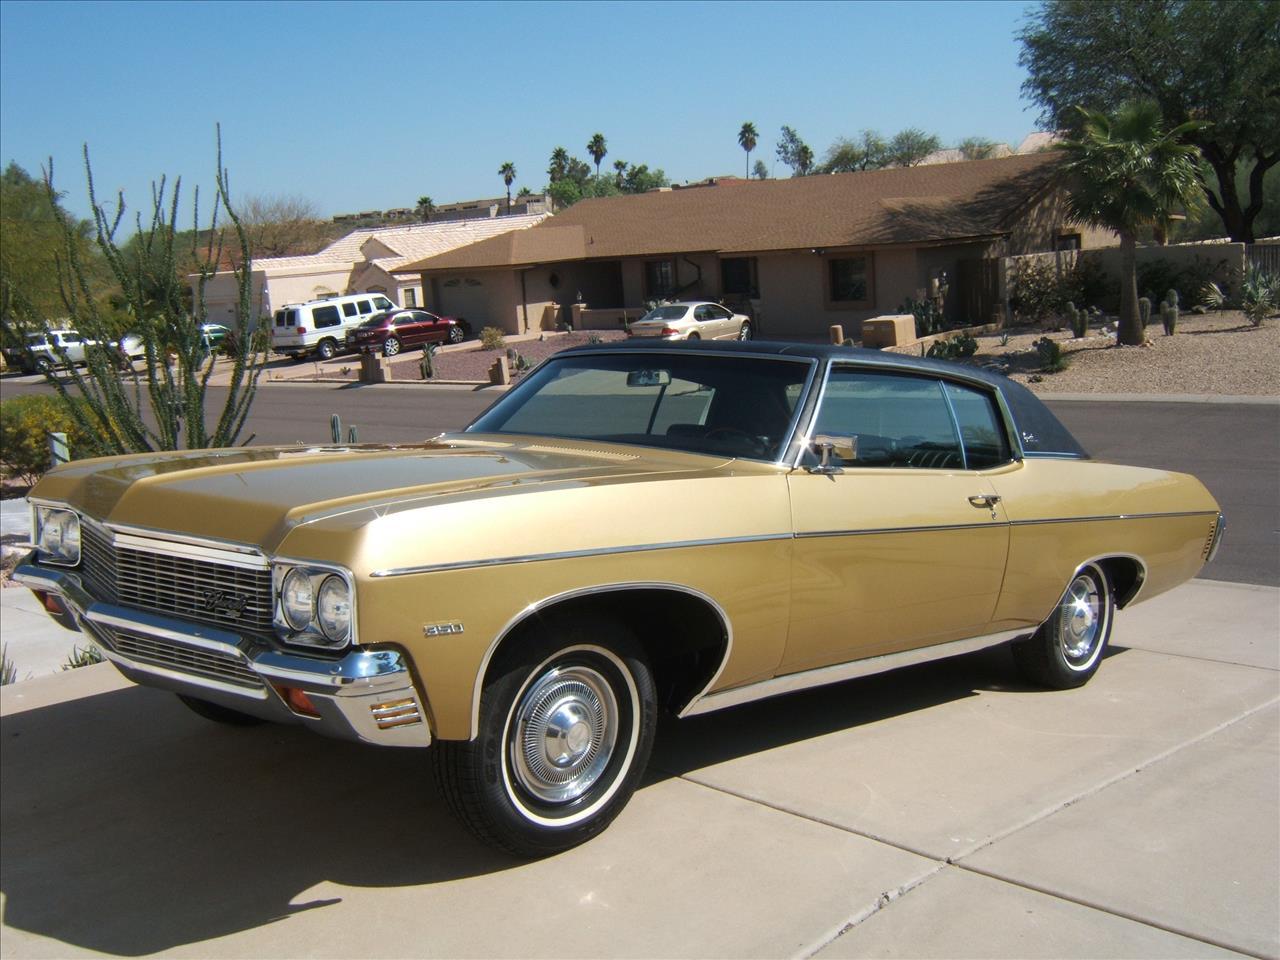 1970 chevrolet impala for sale. Black Bedroom Furniture Sets. Home Design Ideas